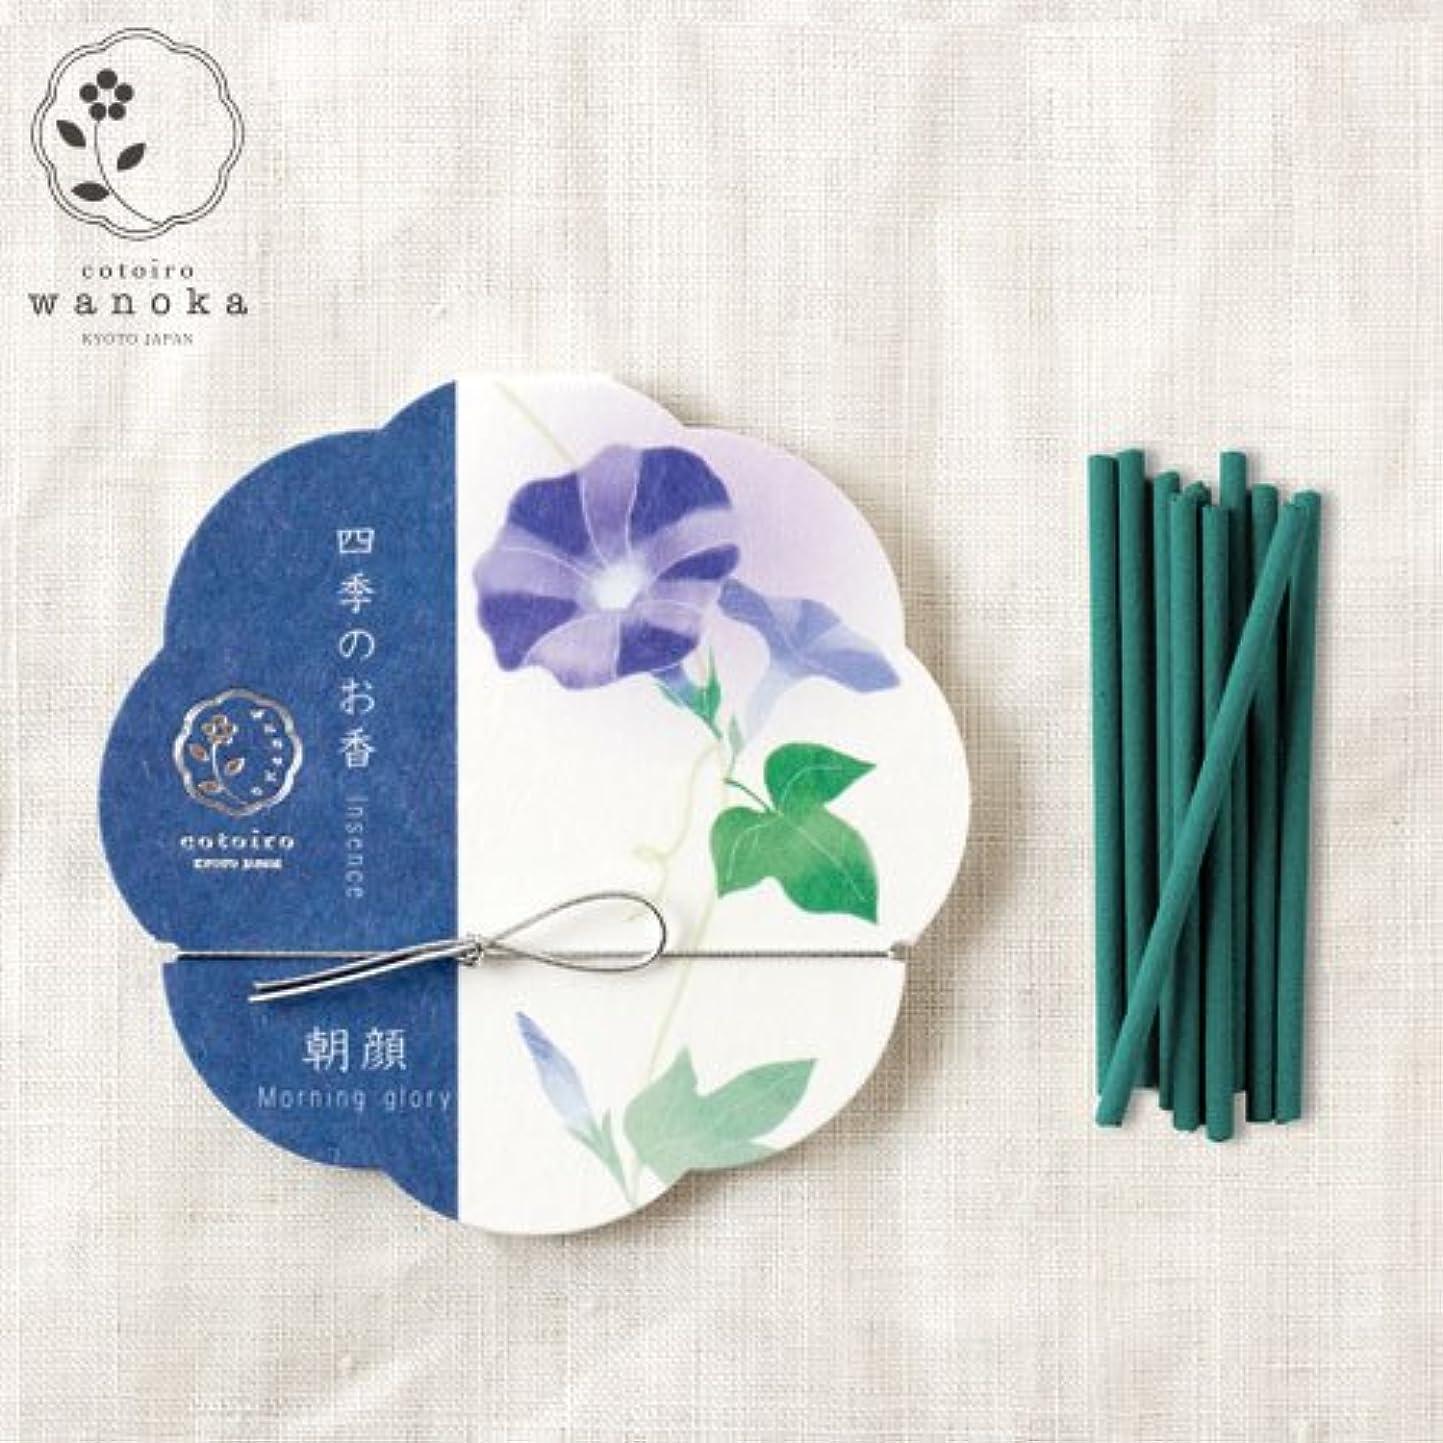 次便益占めるwanoka四季のお香(インセンス)朝顔《涼しげな朝顔をイメージした香り》ART LABIncense stick